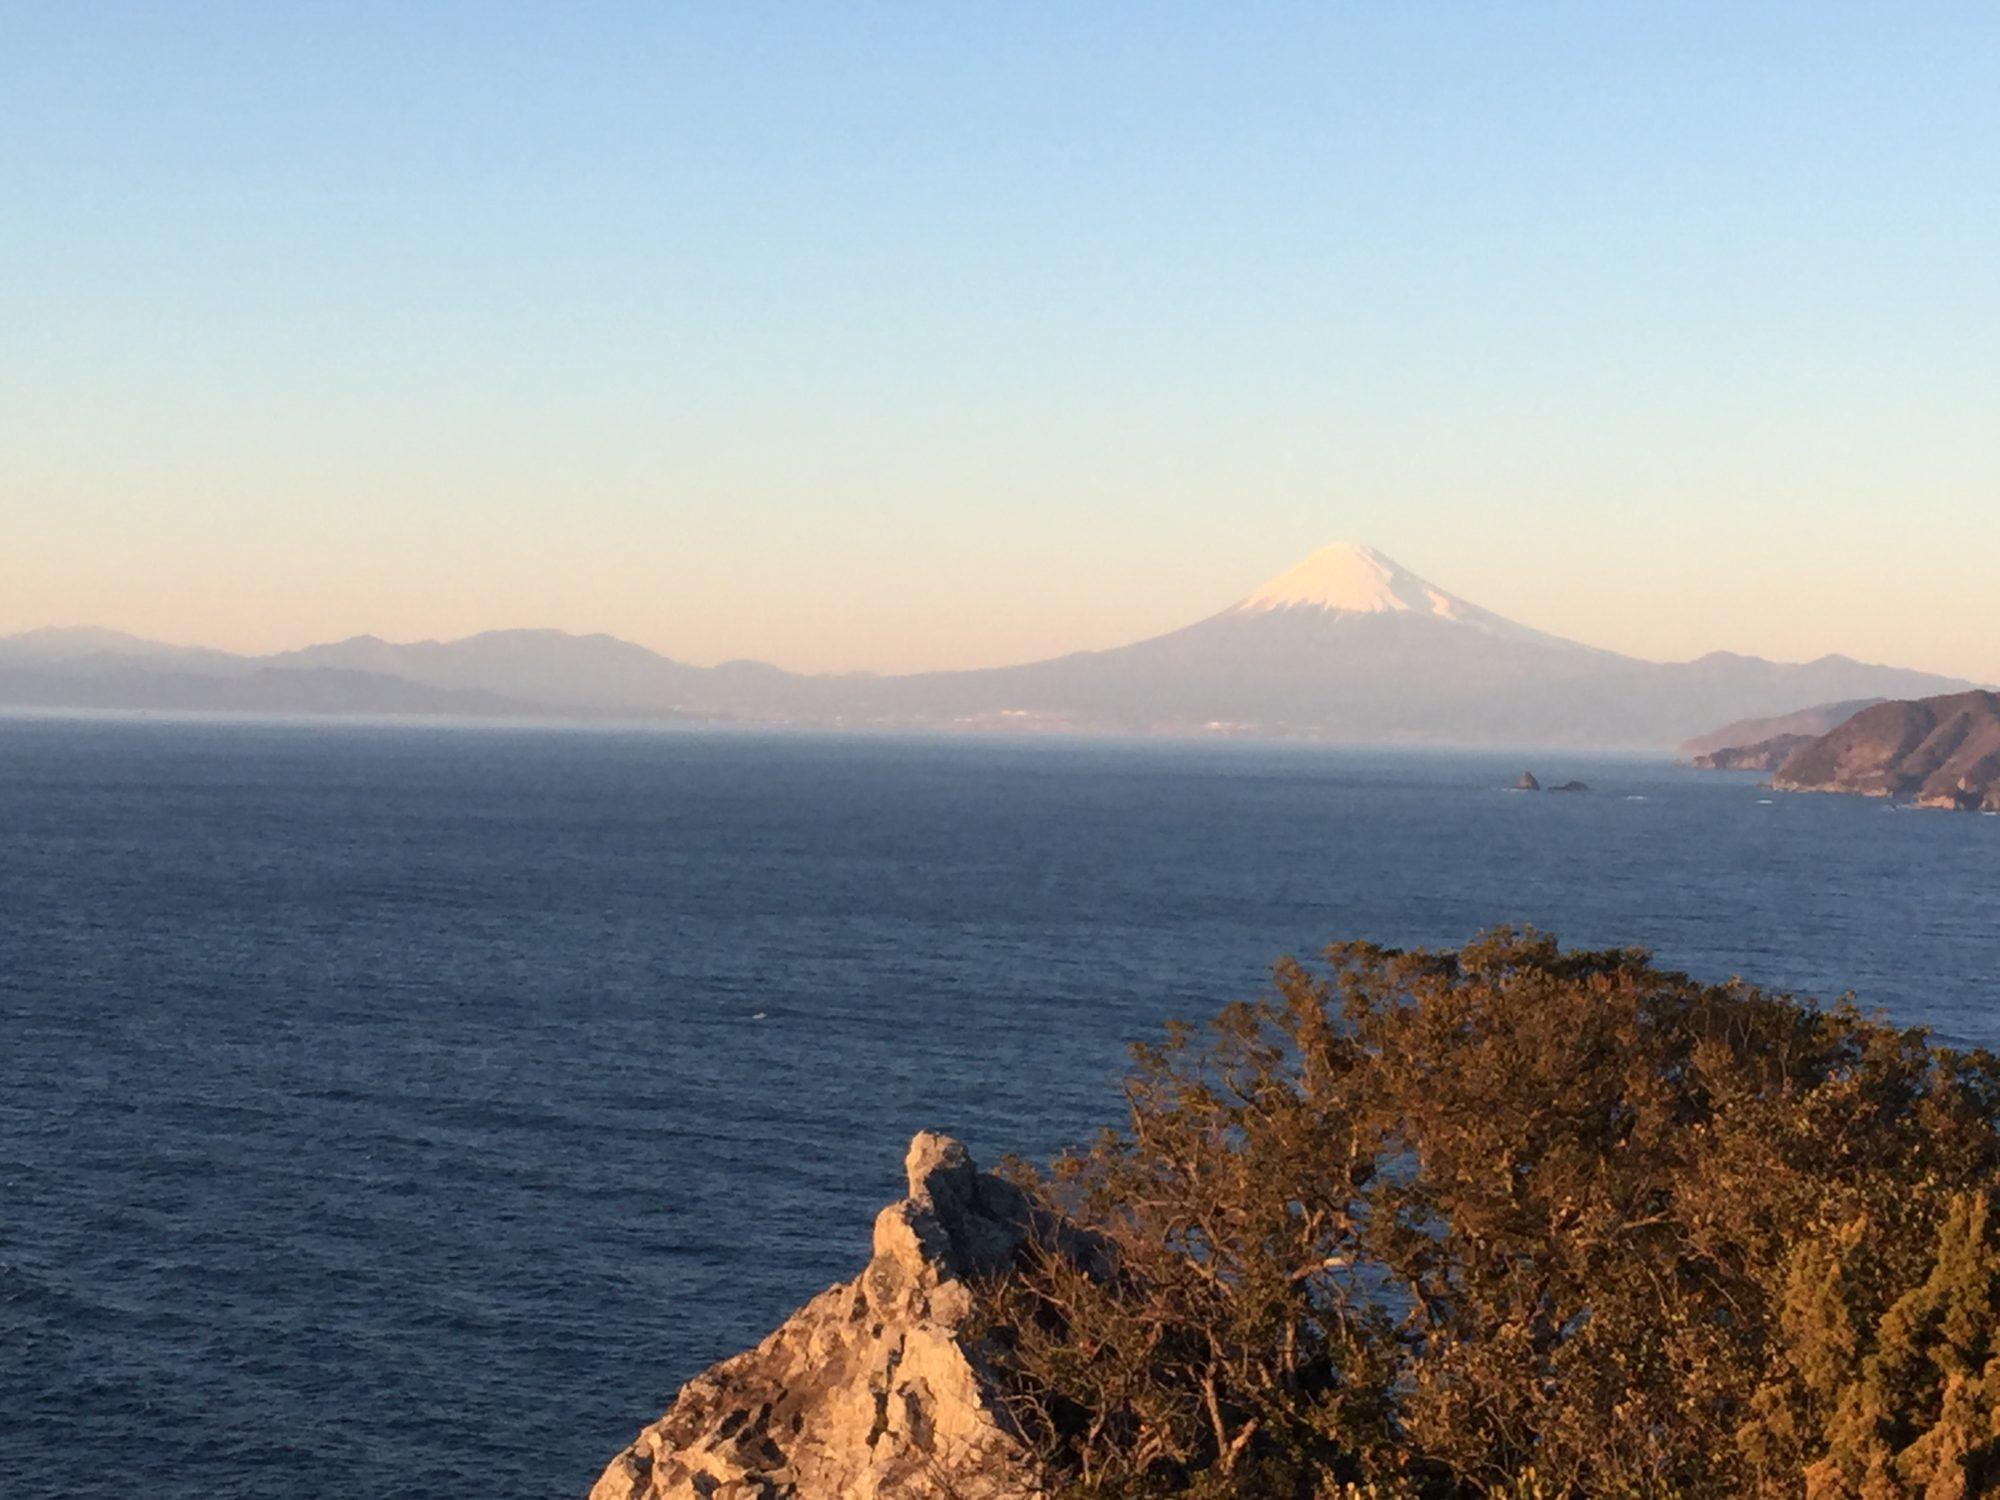 松崎雲見温泉烏帽子山からの富士山